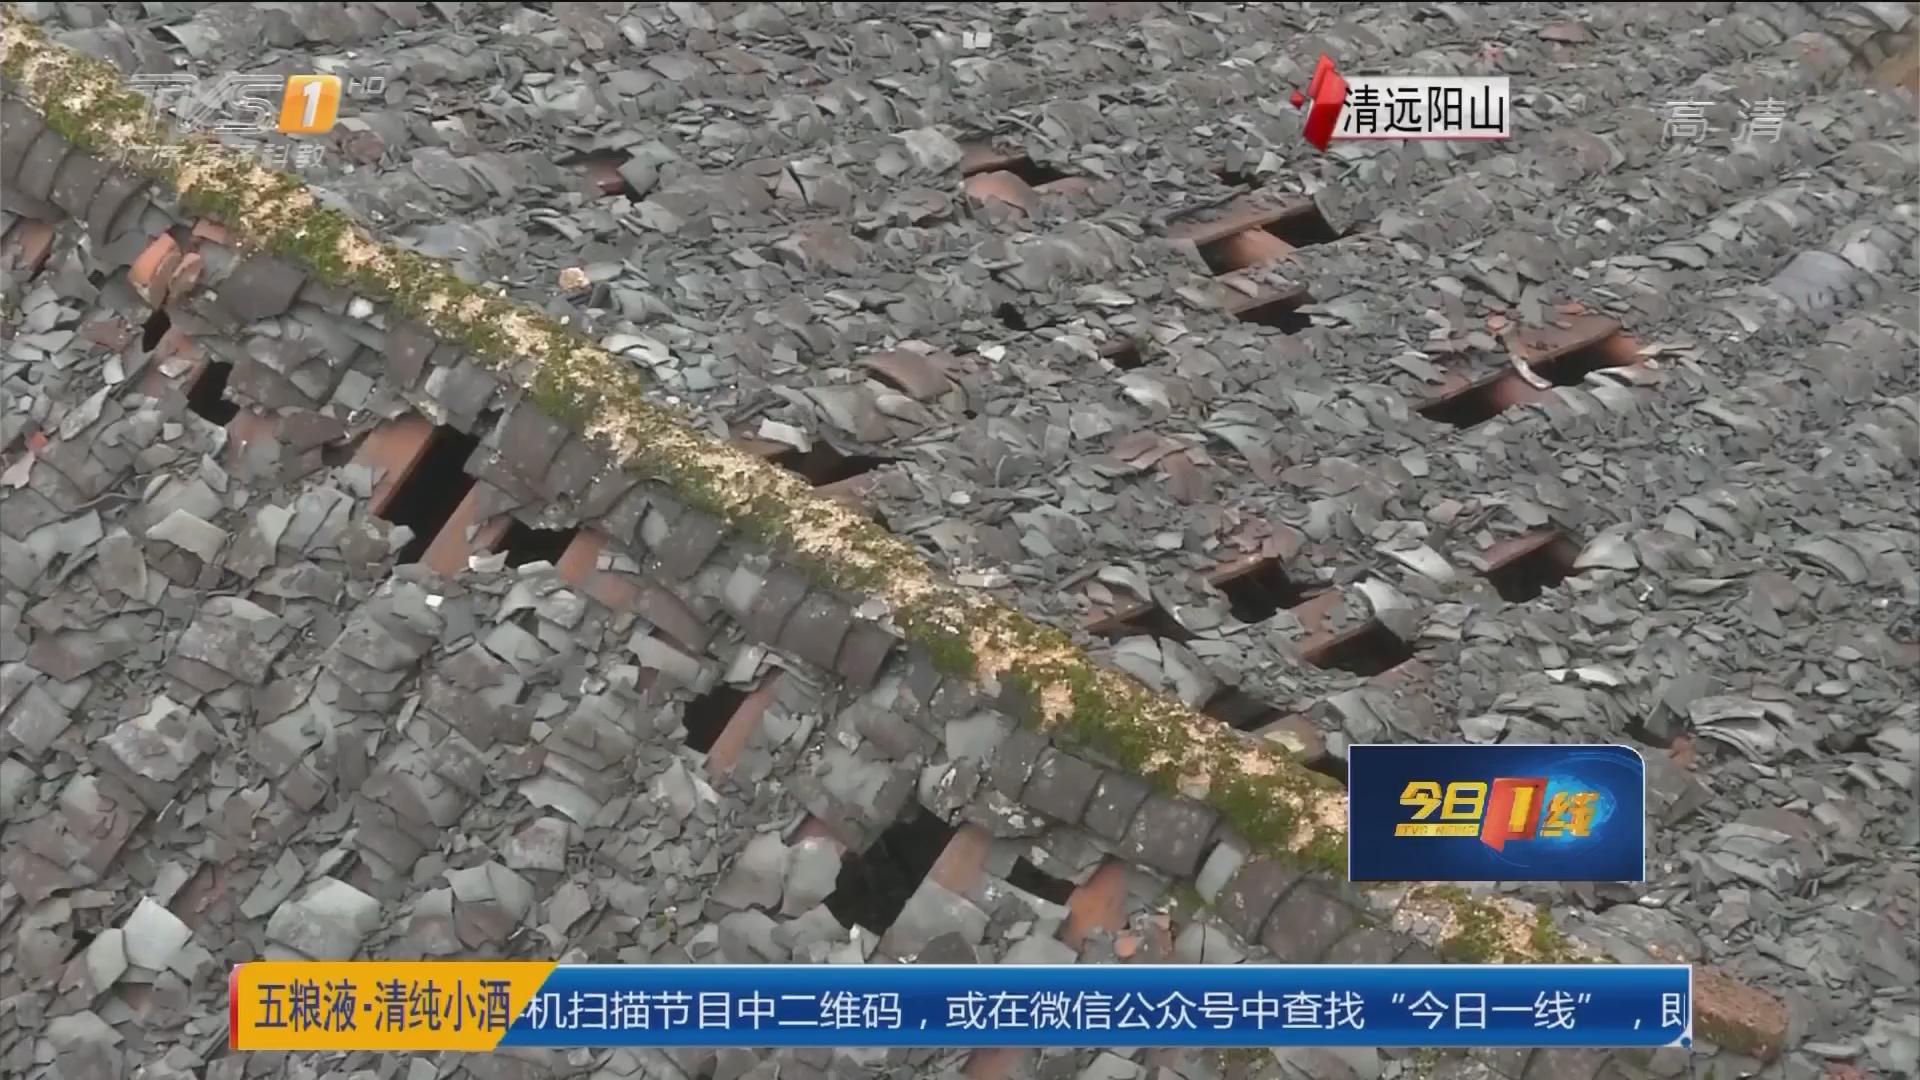 关注强对流天气:清远 阳山多户泥砖屋被冰雹砸坏